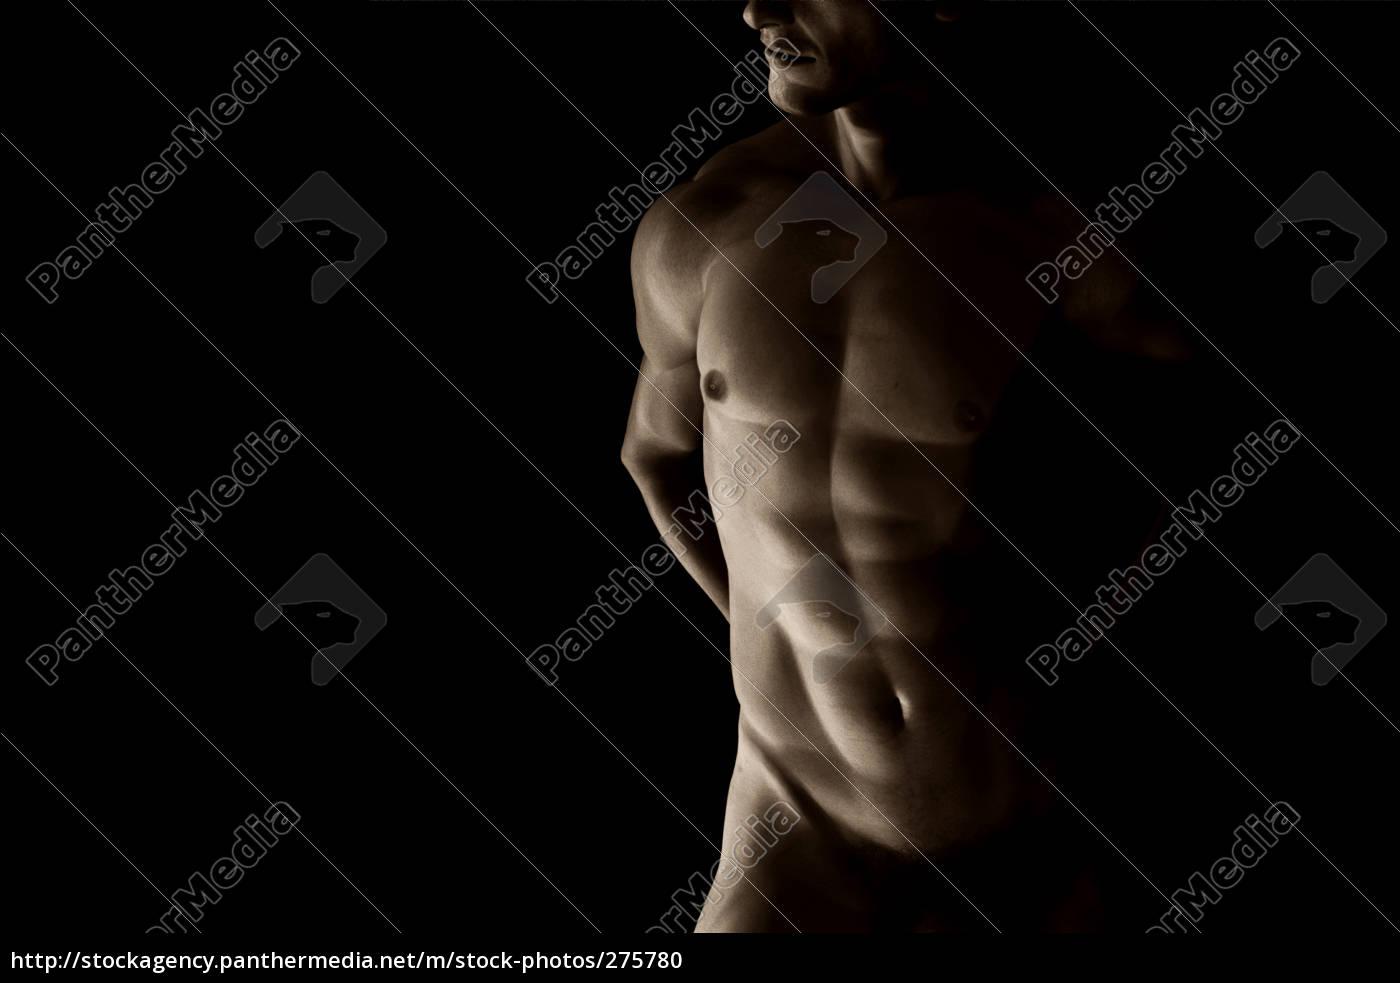 [-torso-] - 275780